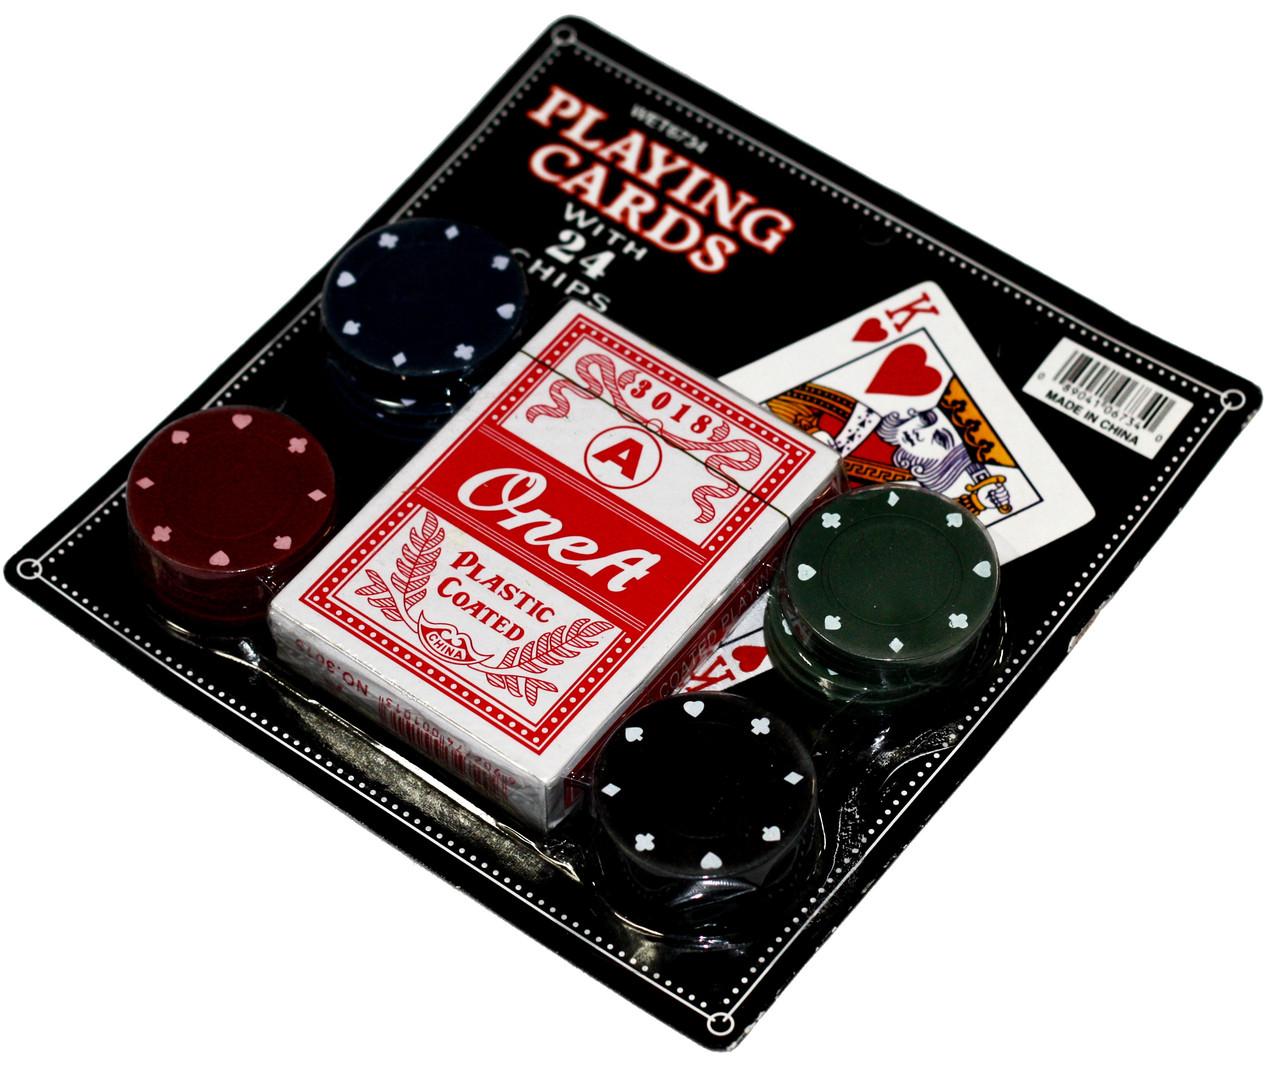 Играть в козла в карты в 24 карты играть в покер онлайн сейчас